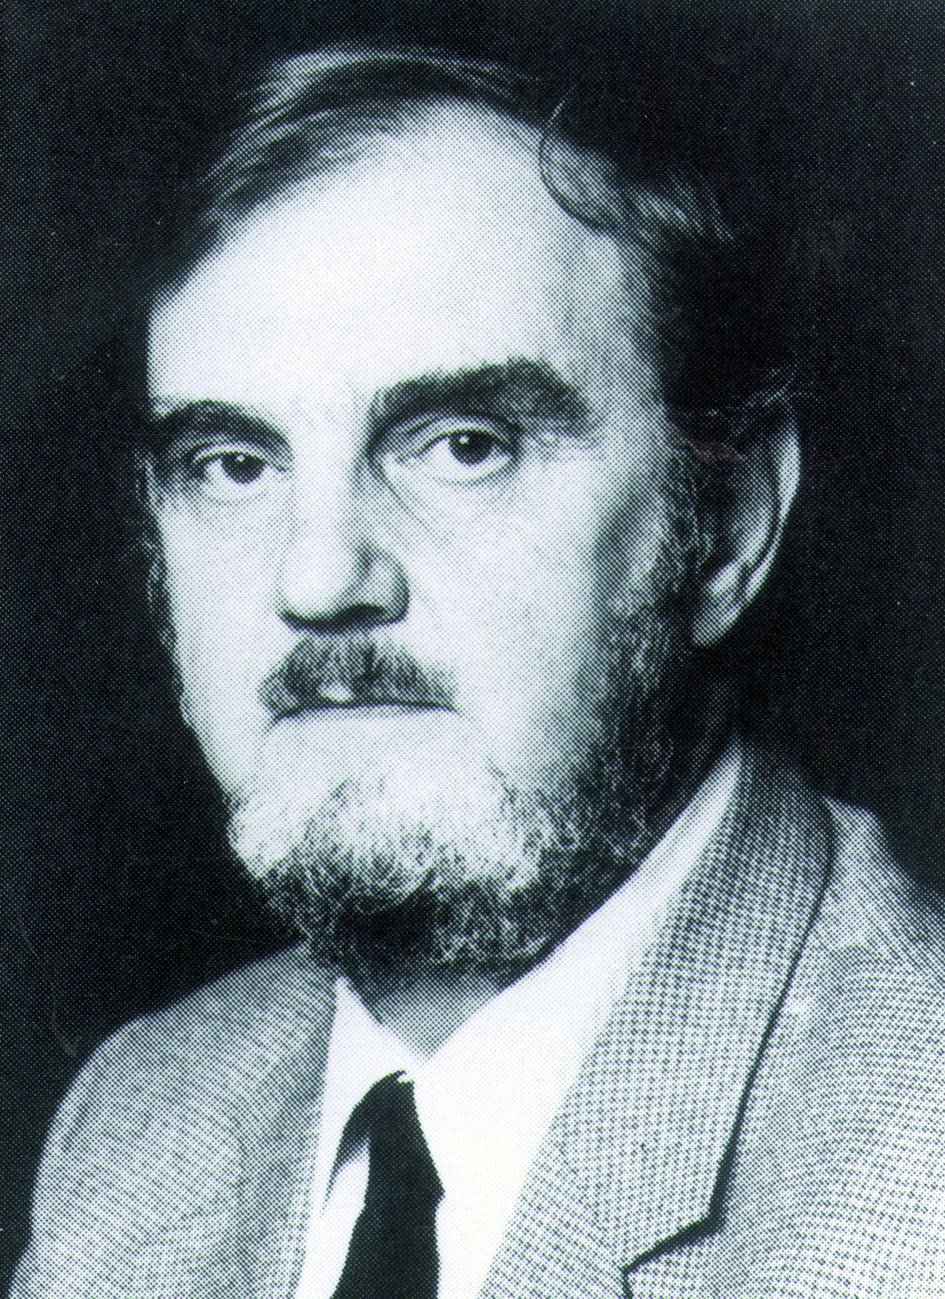 Portraitfoto von Herrn Gerald Edward Adams.